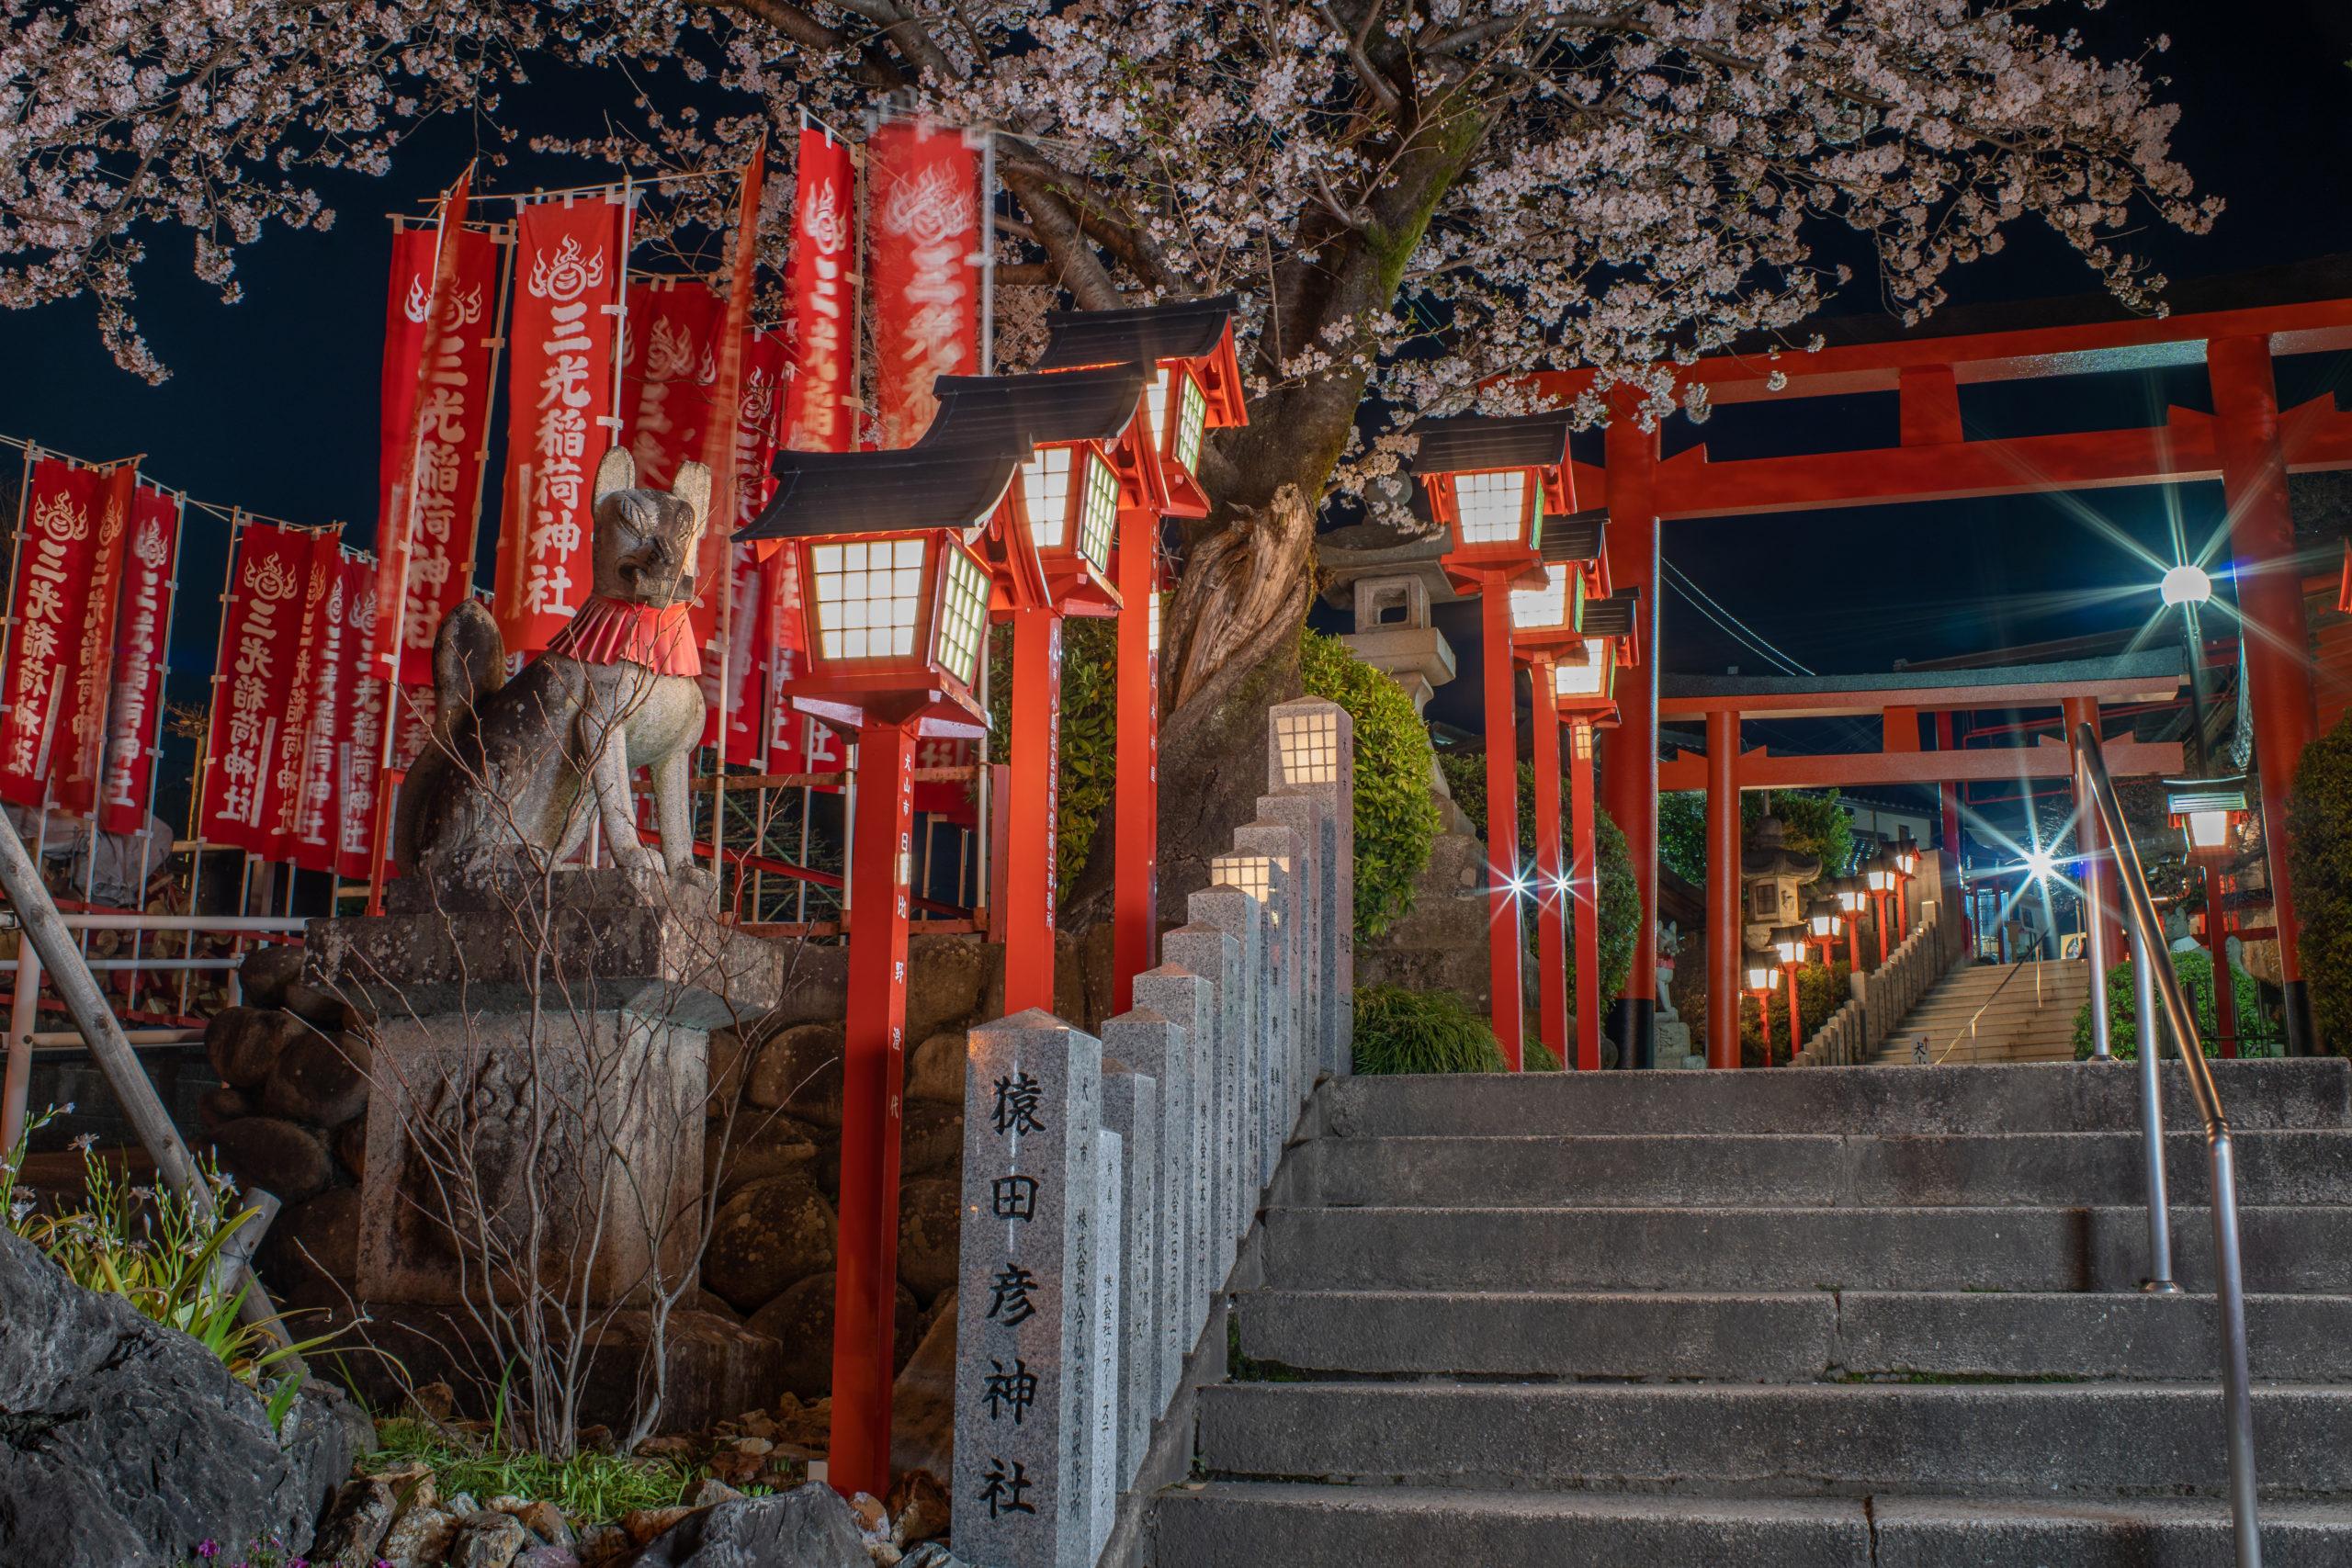 三光稲荷神社入口の三狐神(みけつがみ)